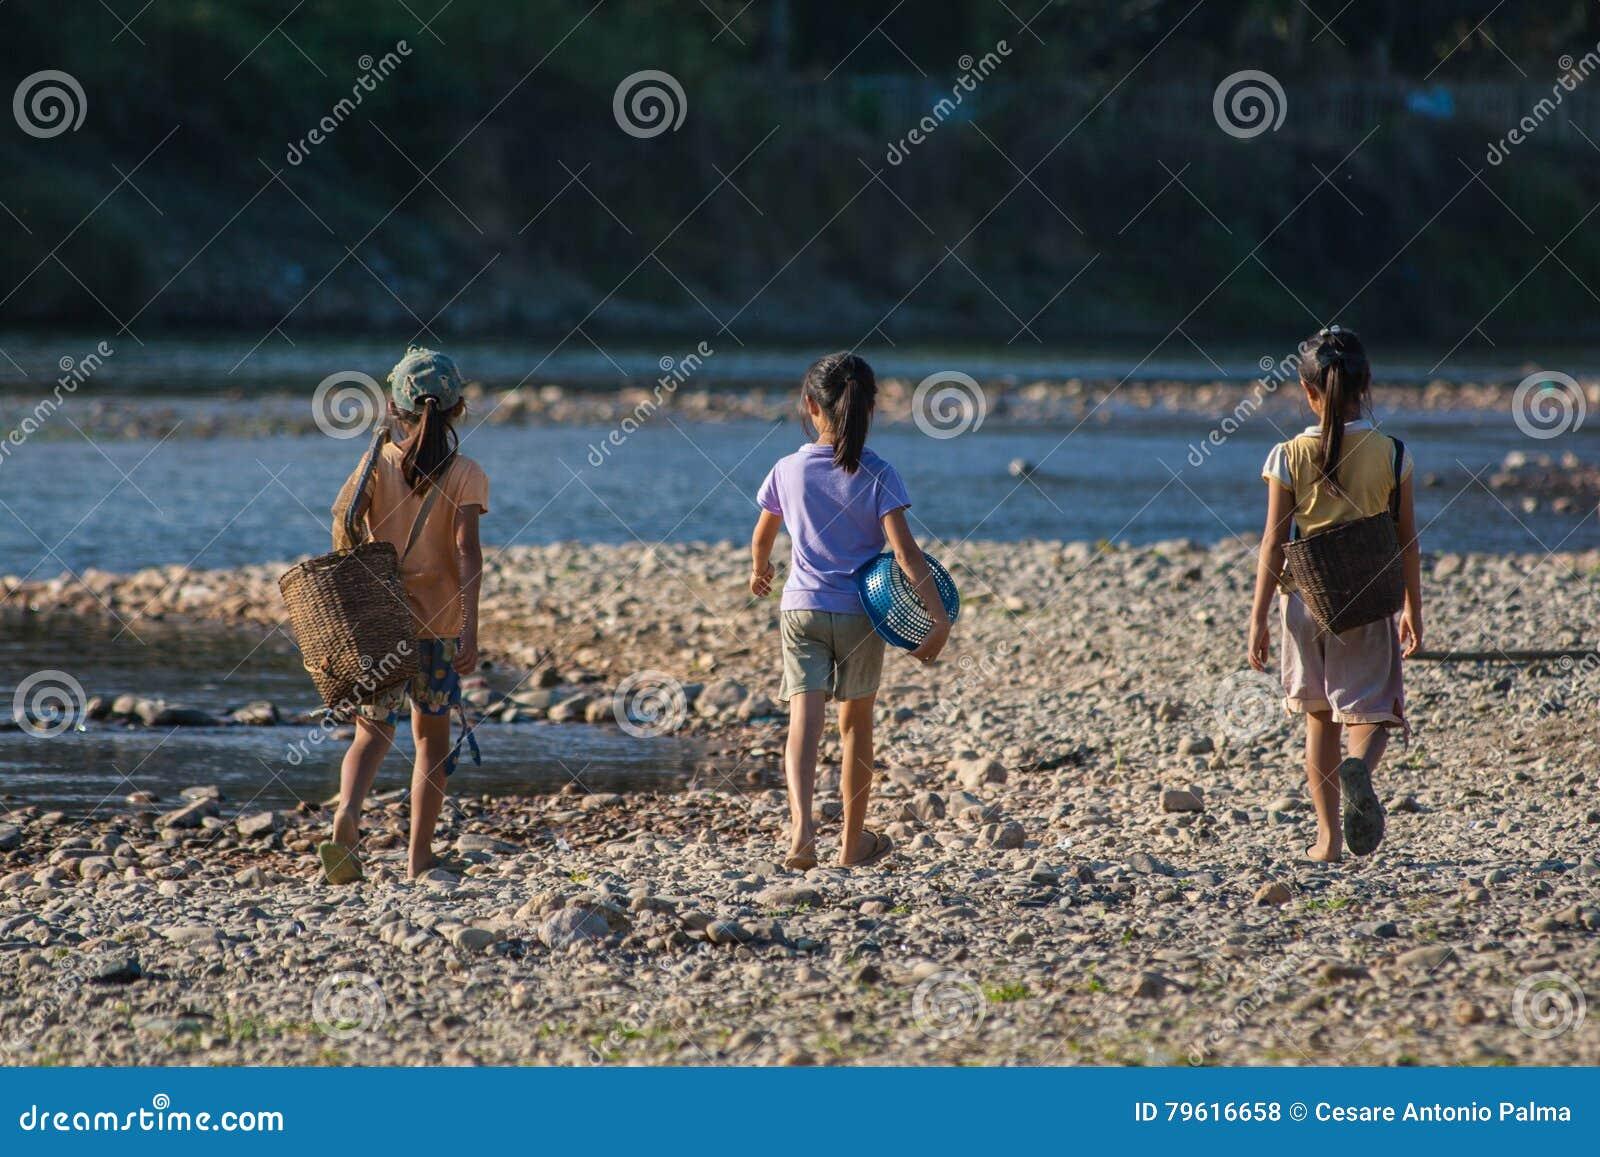 Grupo de meninas laotian